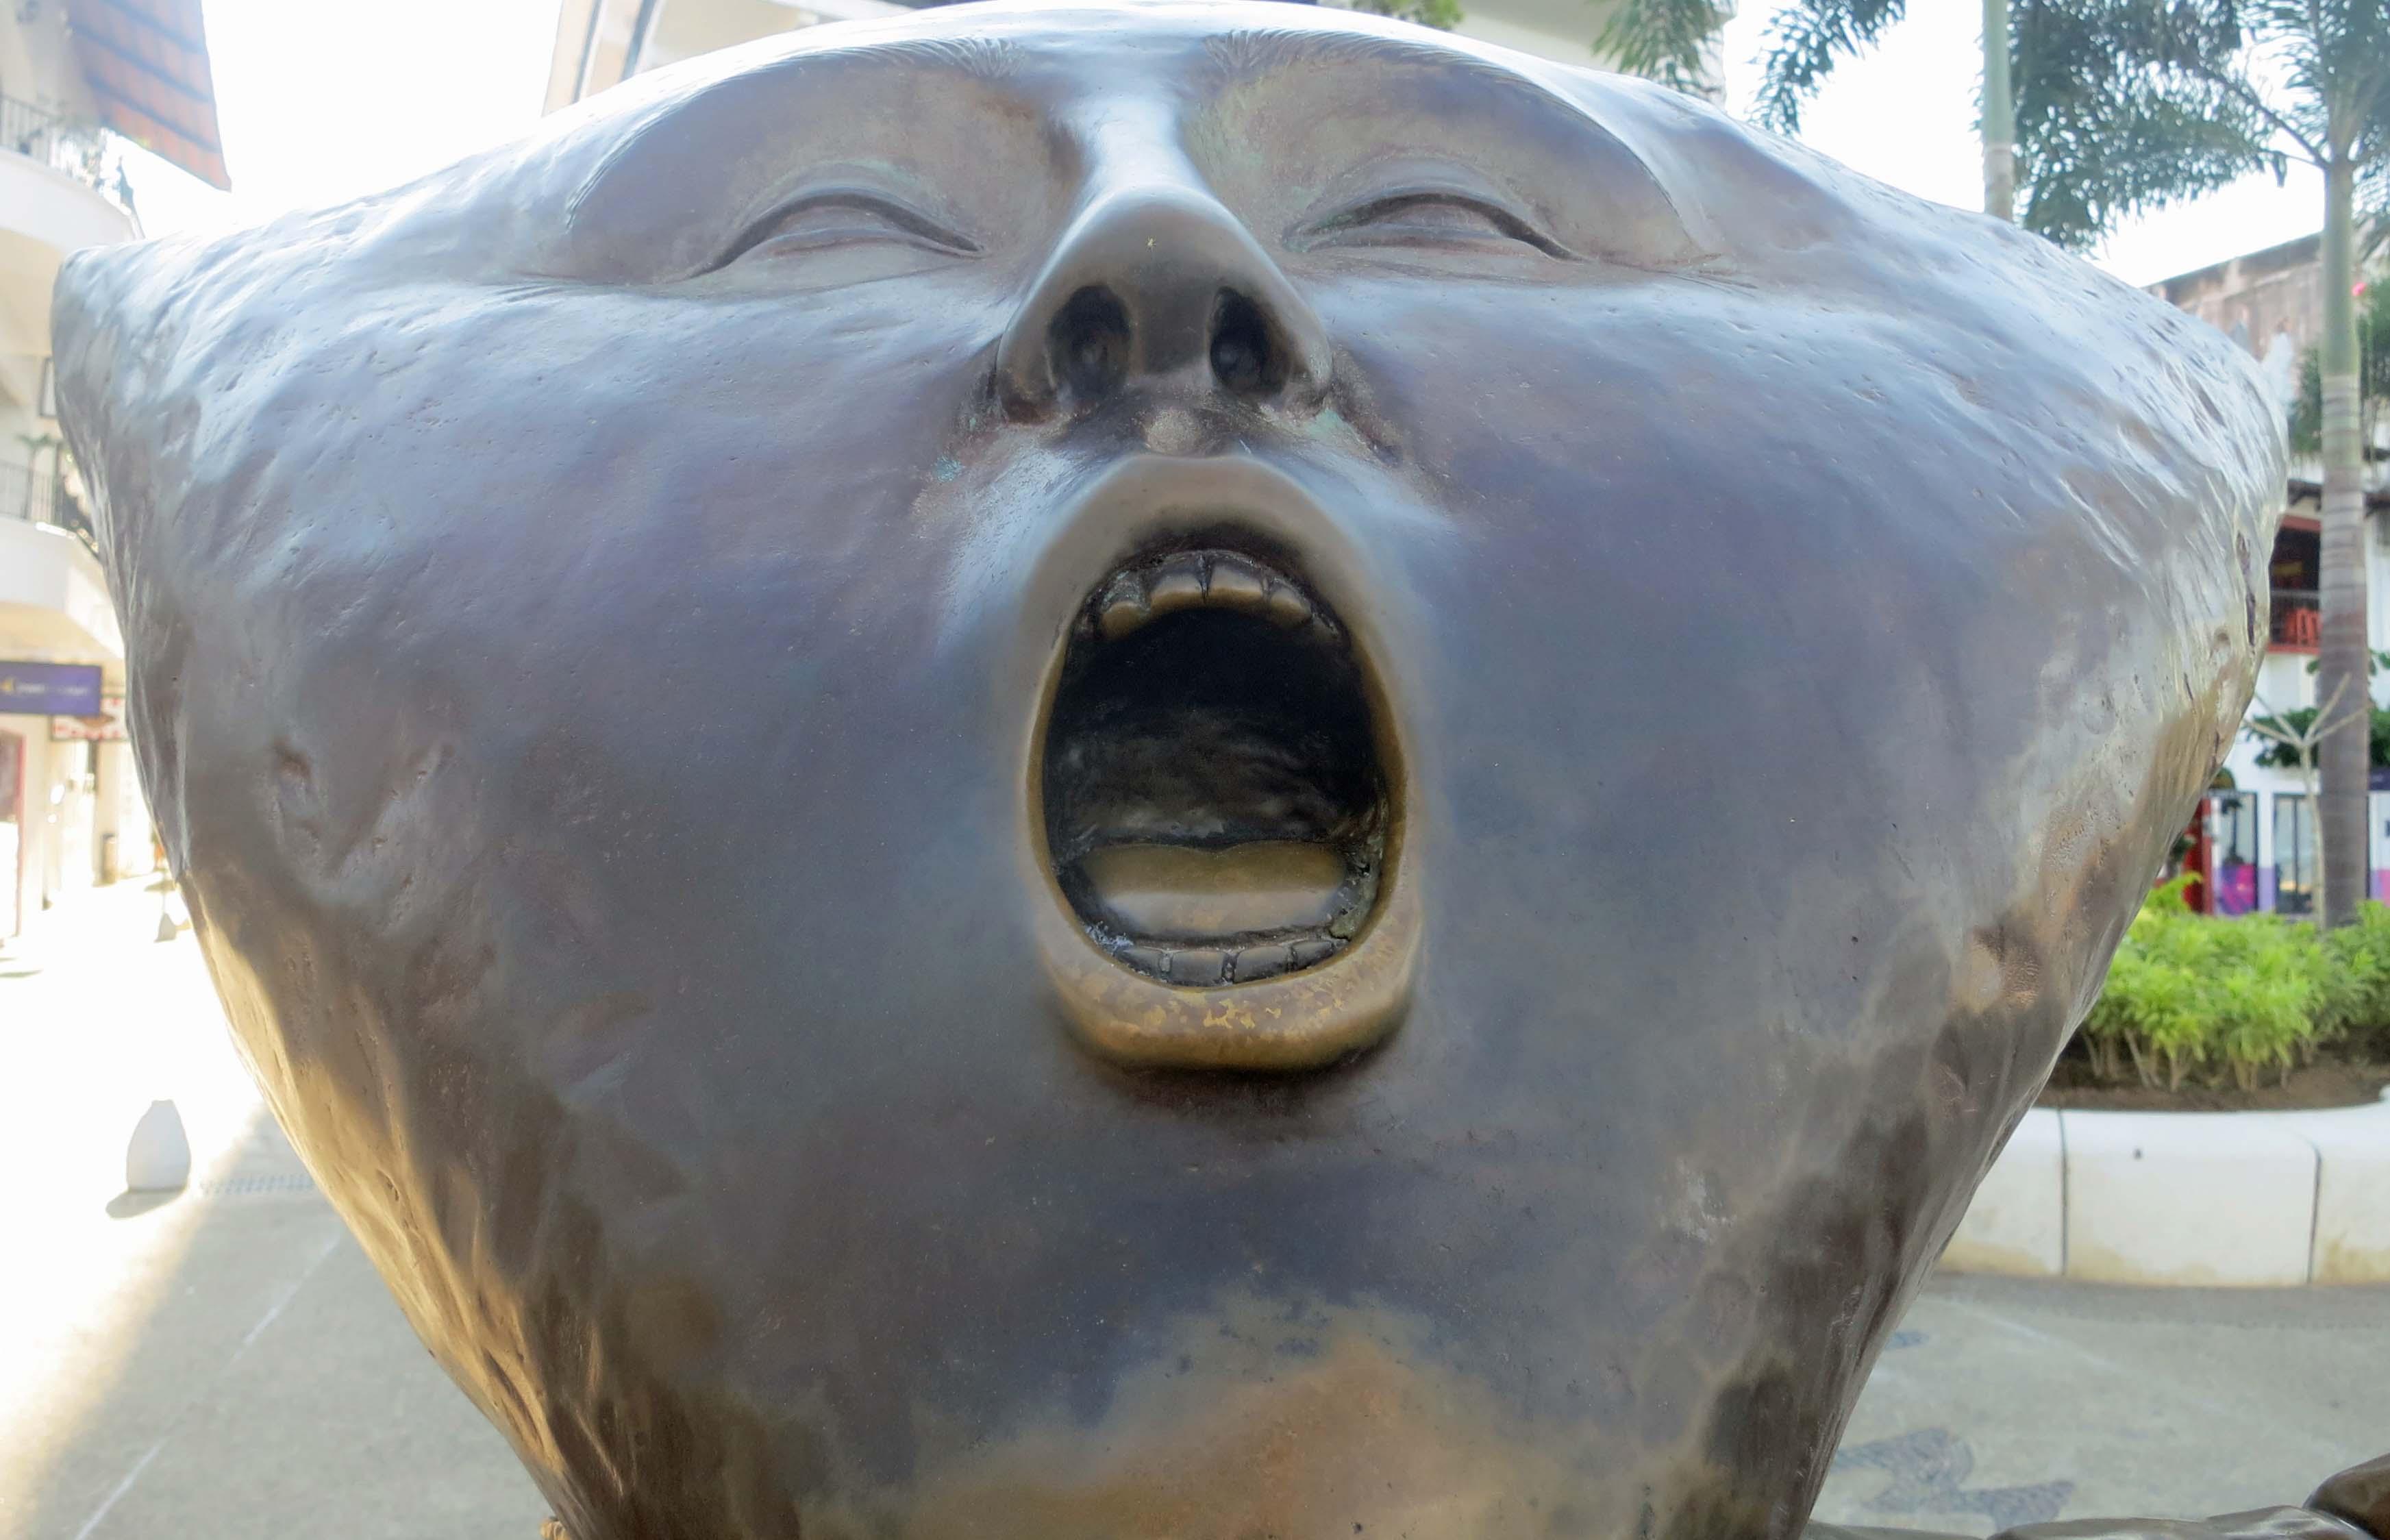 Sculpture in Puerto Vallarta by Sergio Bustamante in 1990. Photo by Curtis Mekemson.